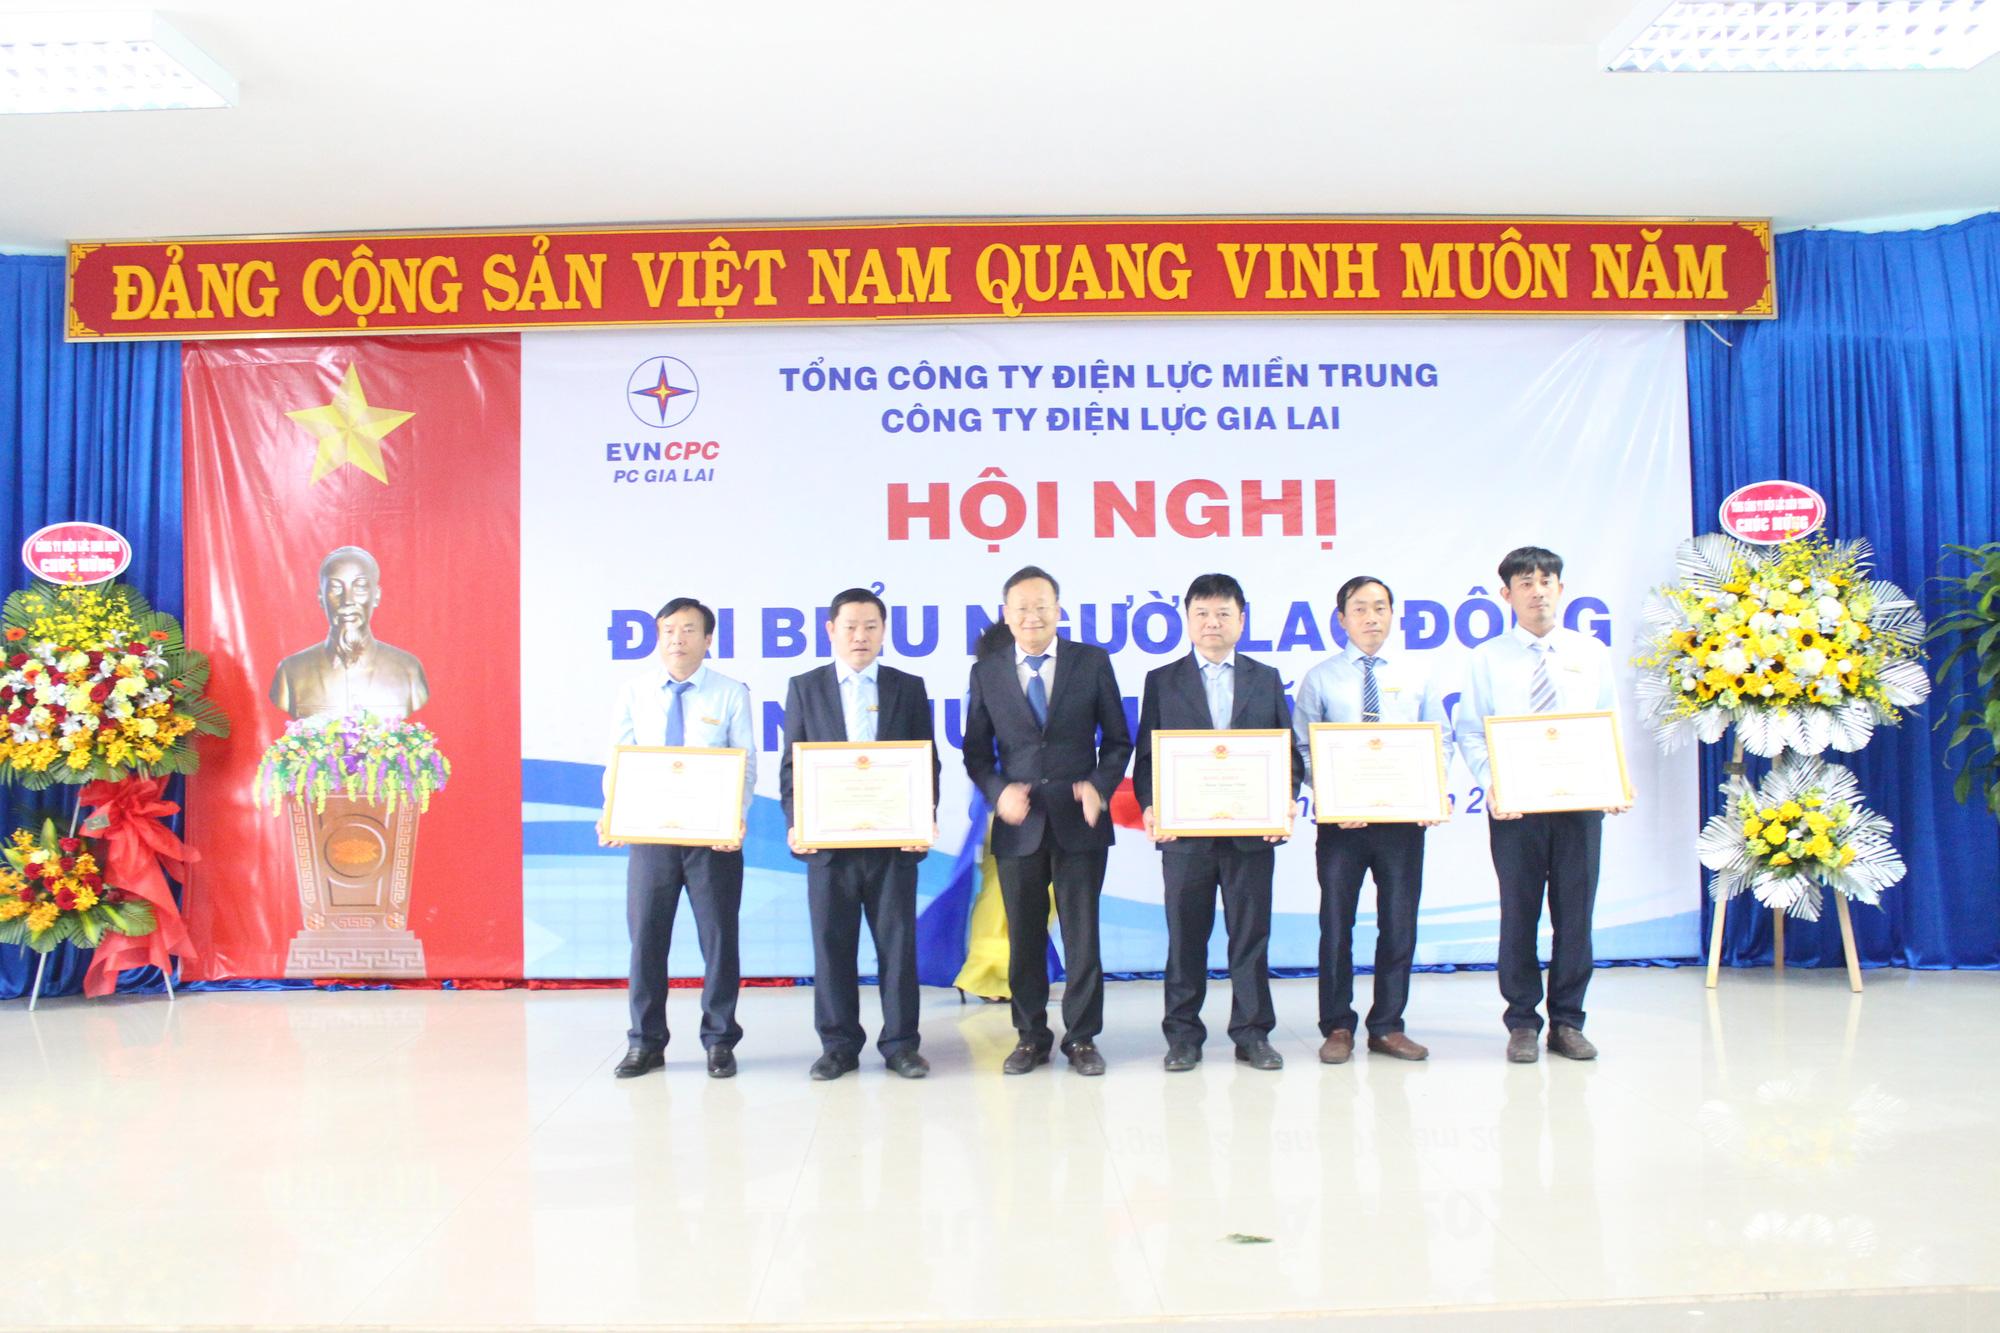 Công ty Điện lực Gia Lai: Tổ chức Hội nghị đại biểu người lao động và triển khai nhiệm vụ năm 2021 - Ảnh 3.